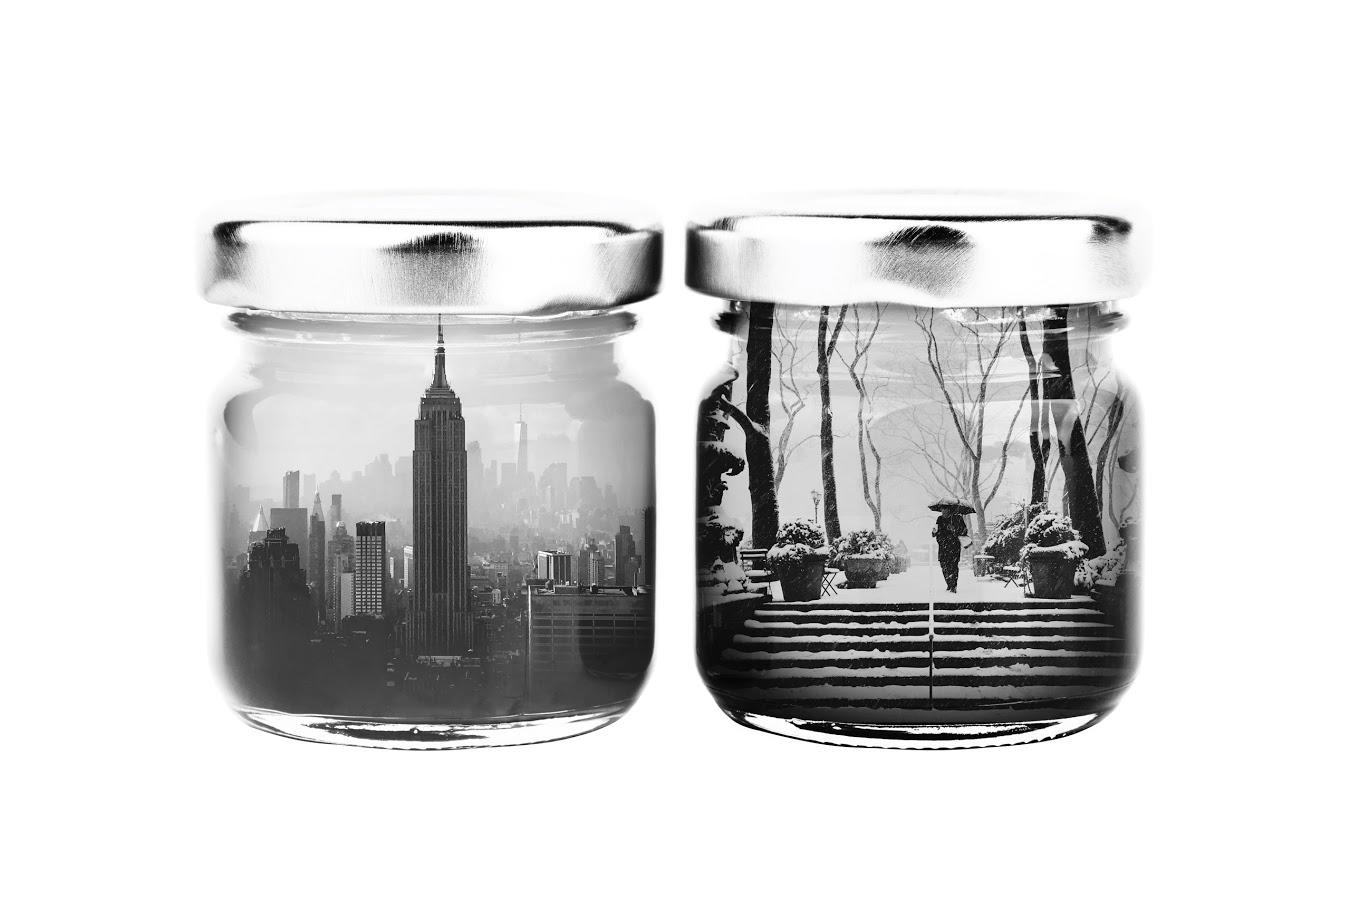 Snapseed 2.17 se met à la double exposition pour des photos surréalistes et artistiques